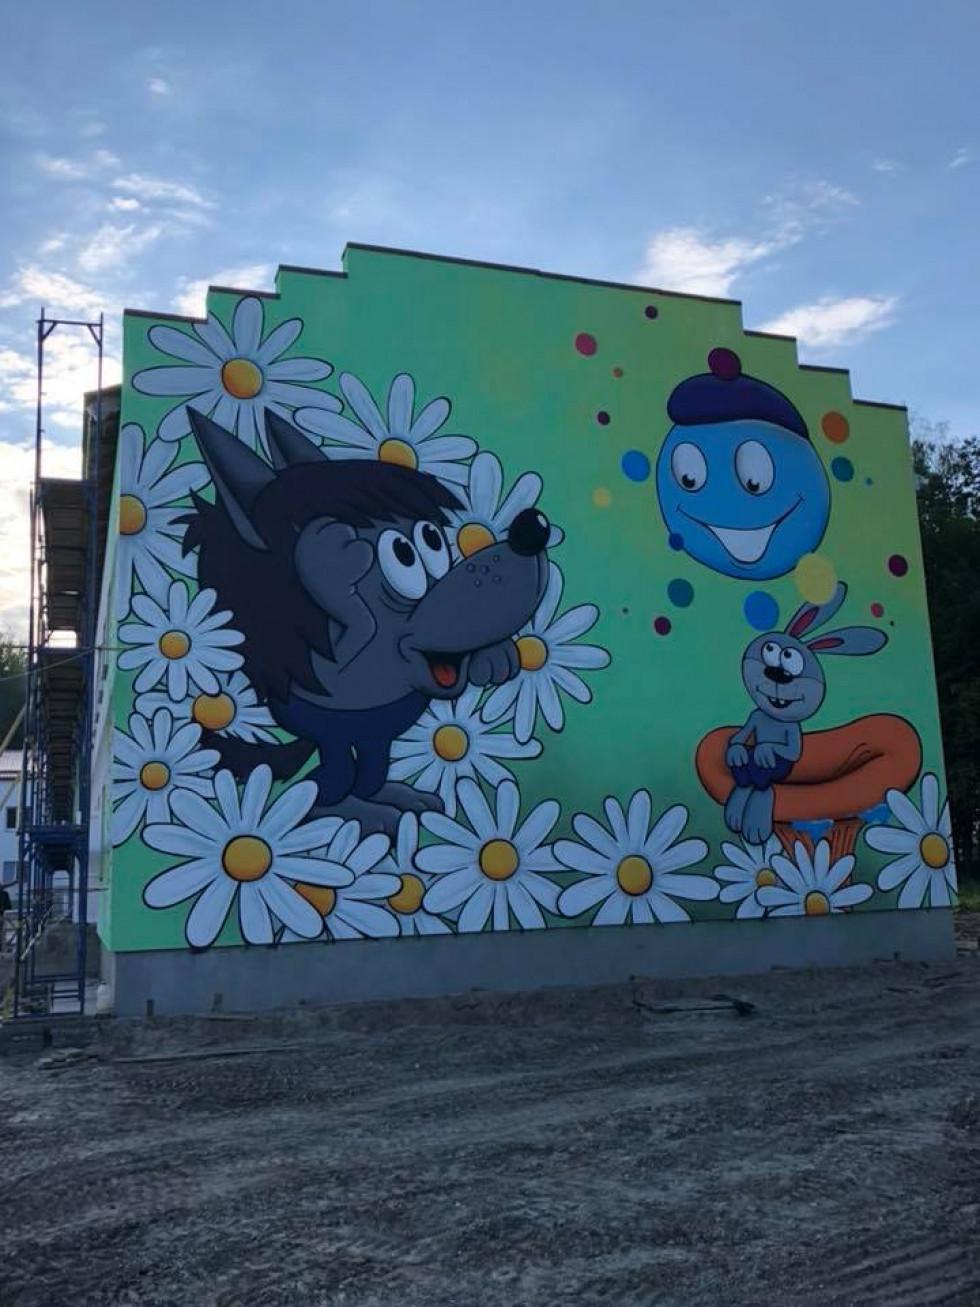 ерої мультфільму «Капітошка» уже красуються на стіні новобудови